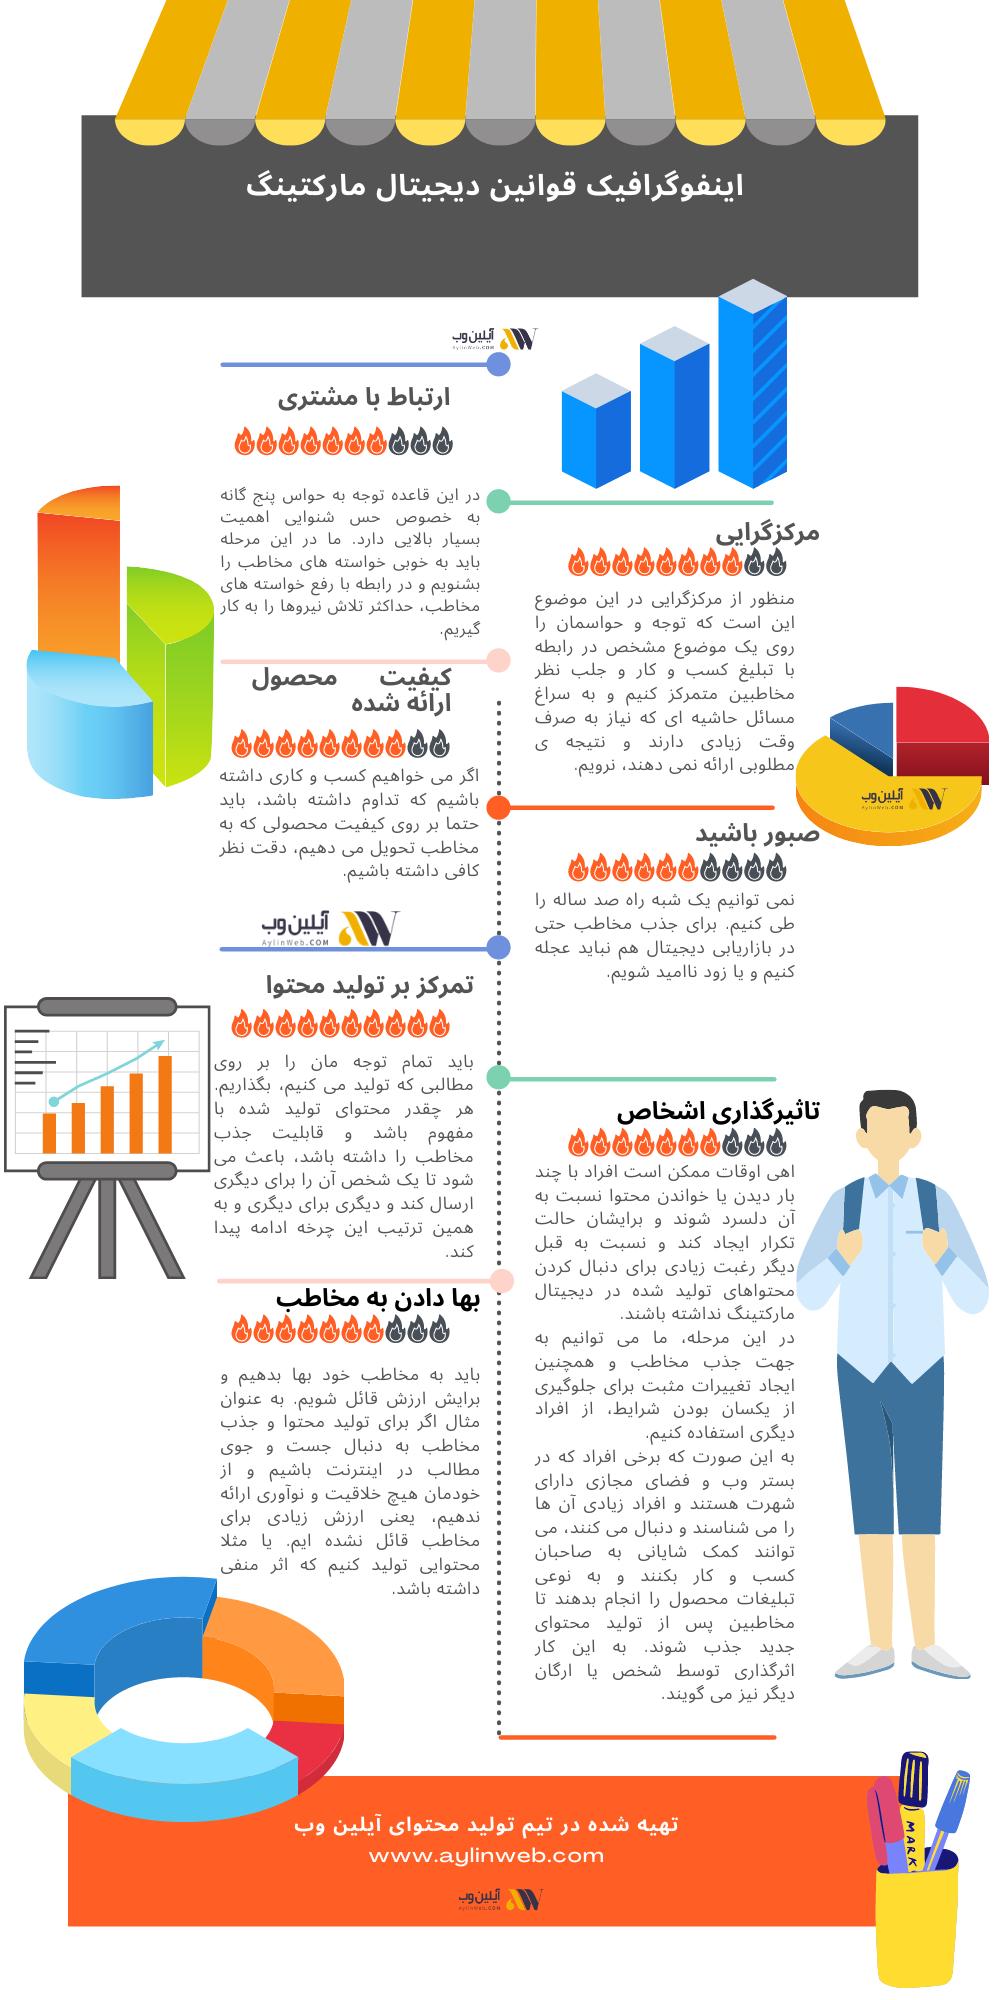 اینفوگرافیک قوانین دیجیتال مارکتینگ